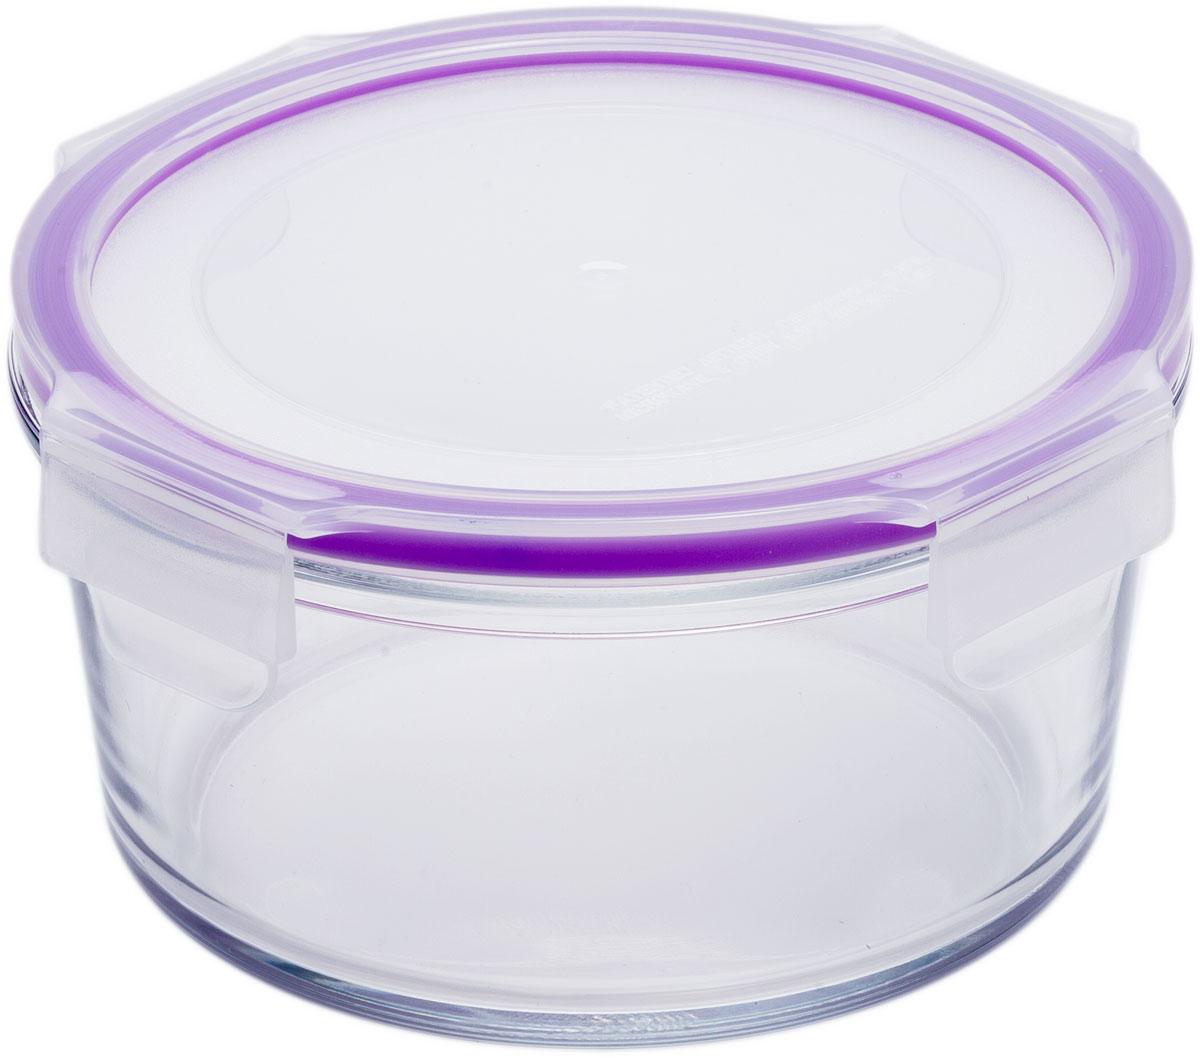 """Круглый пищевой контейнер """"Eley"""" выполнен из жаропрочного боросиликатного стекла. Крышка Air Lock изготовлена из полипропилена и оснащена силиконовым уплотнителем, для обеспечения полной герметичности внутри контейнера.  Он подходит для использования в микроволновой печи и духовке (без крышки). Подходит для использования в холодильнике и морозильной камере. Подходит для использования в посудомоечной машине.  Контейнер можно использовать как форму для запекания (до +400 С)."""